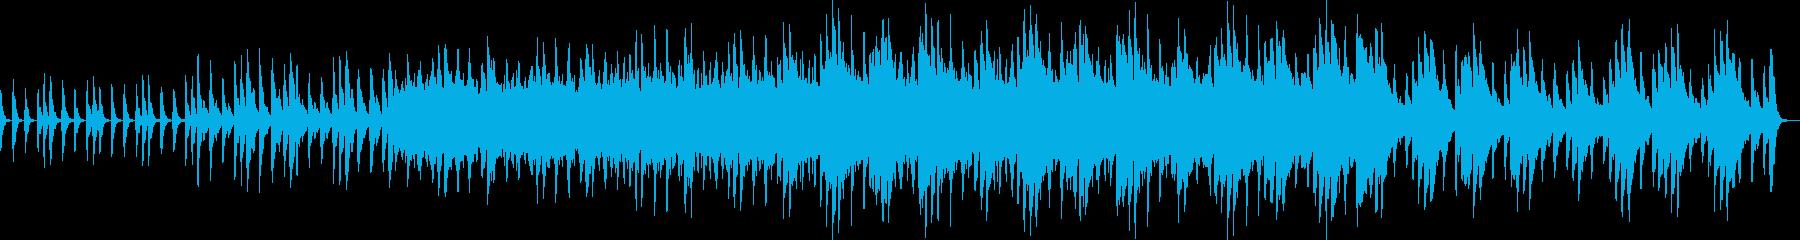 緩やかな盛り上がりのある縦刻みの再生済みの波形